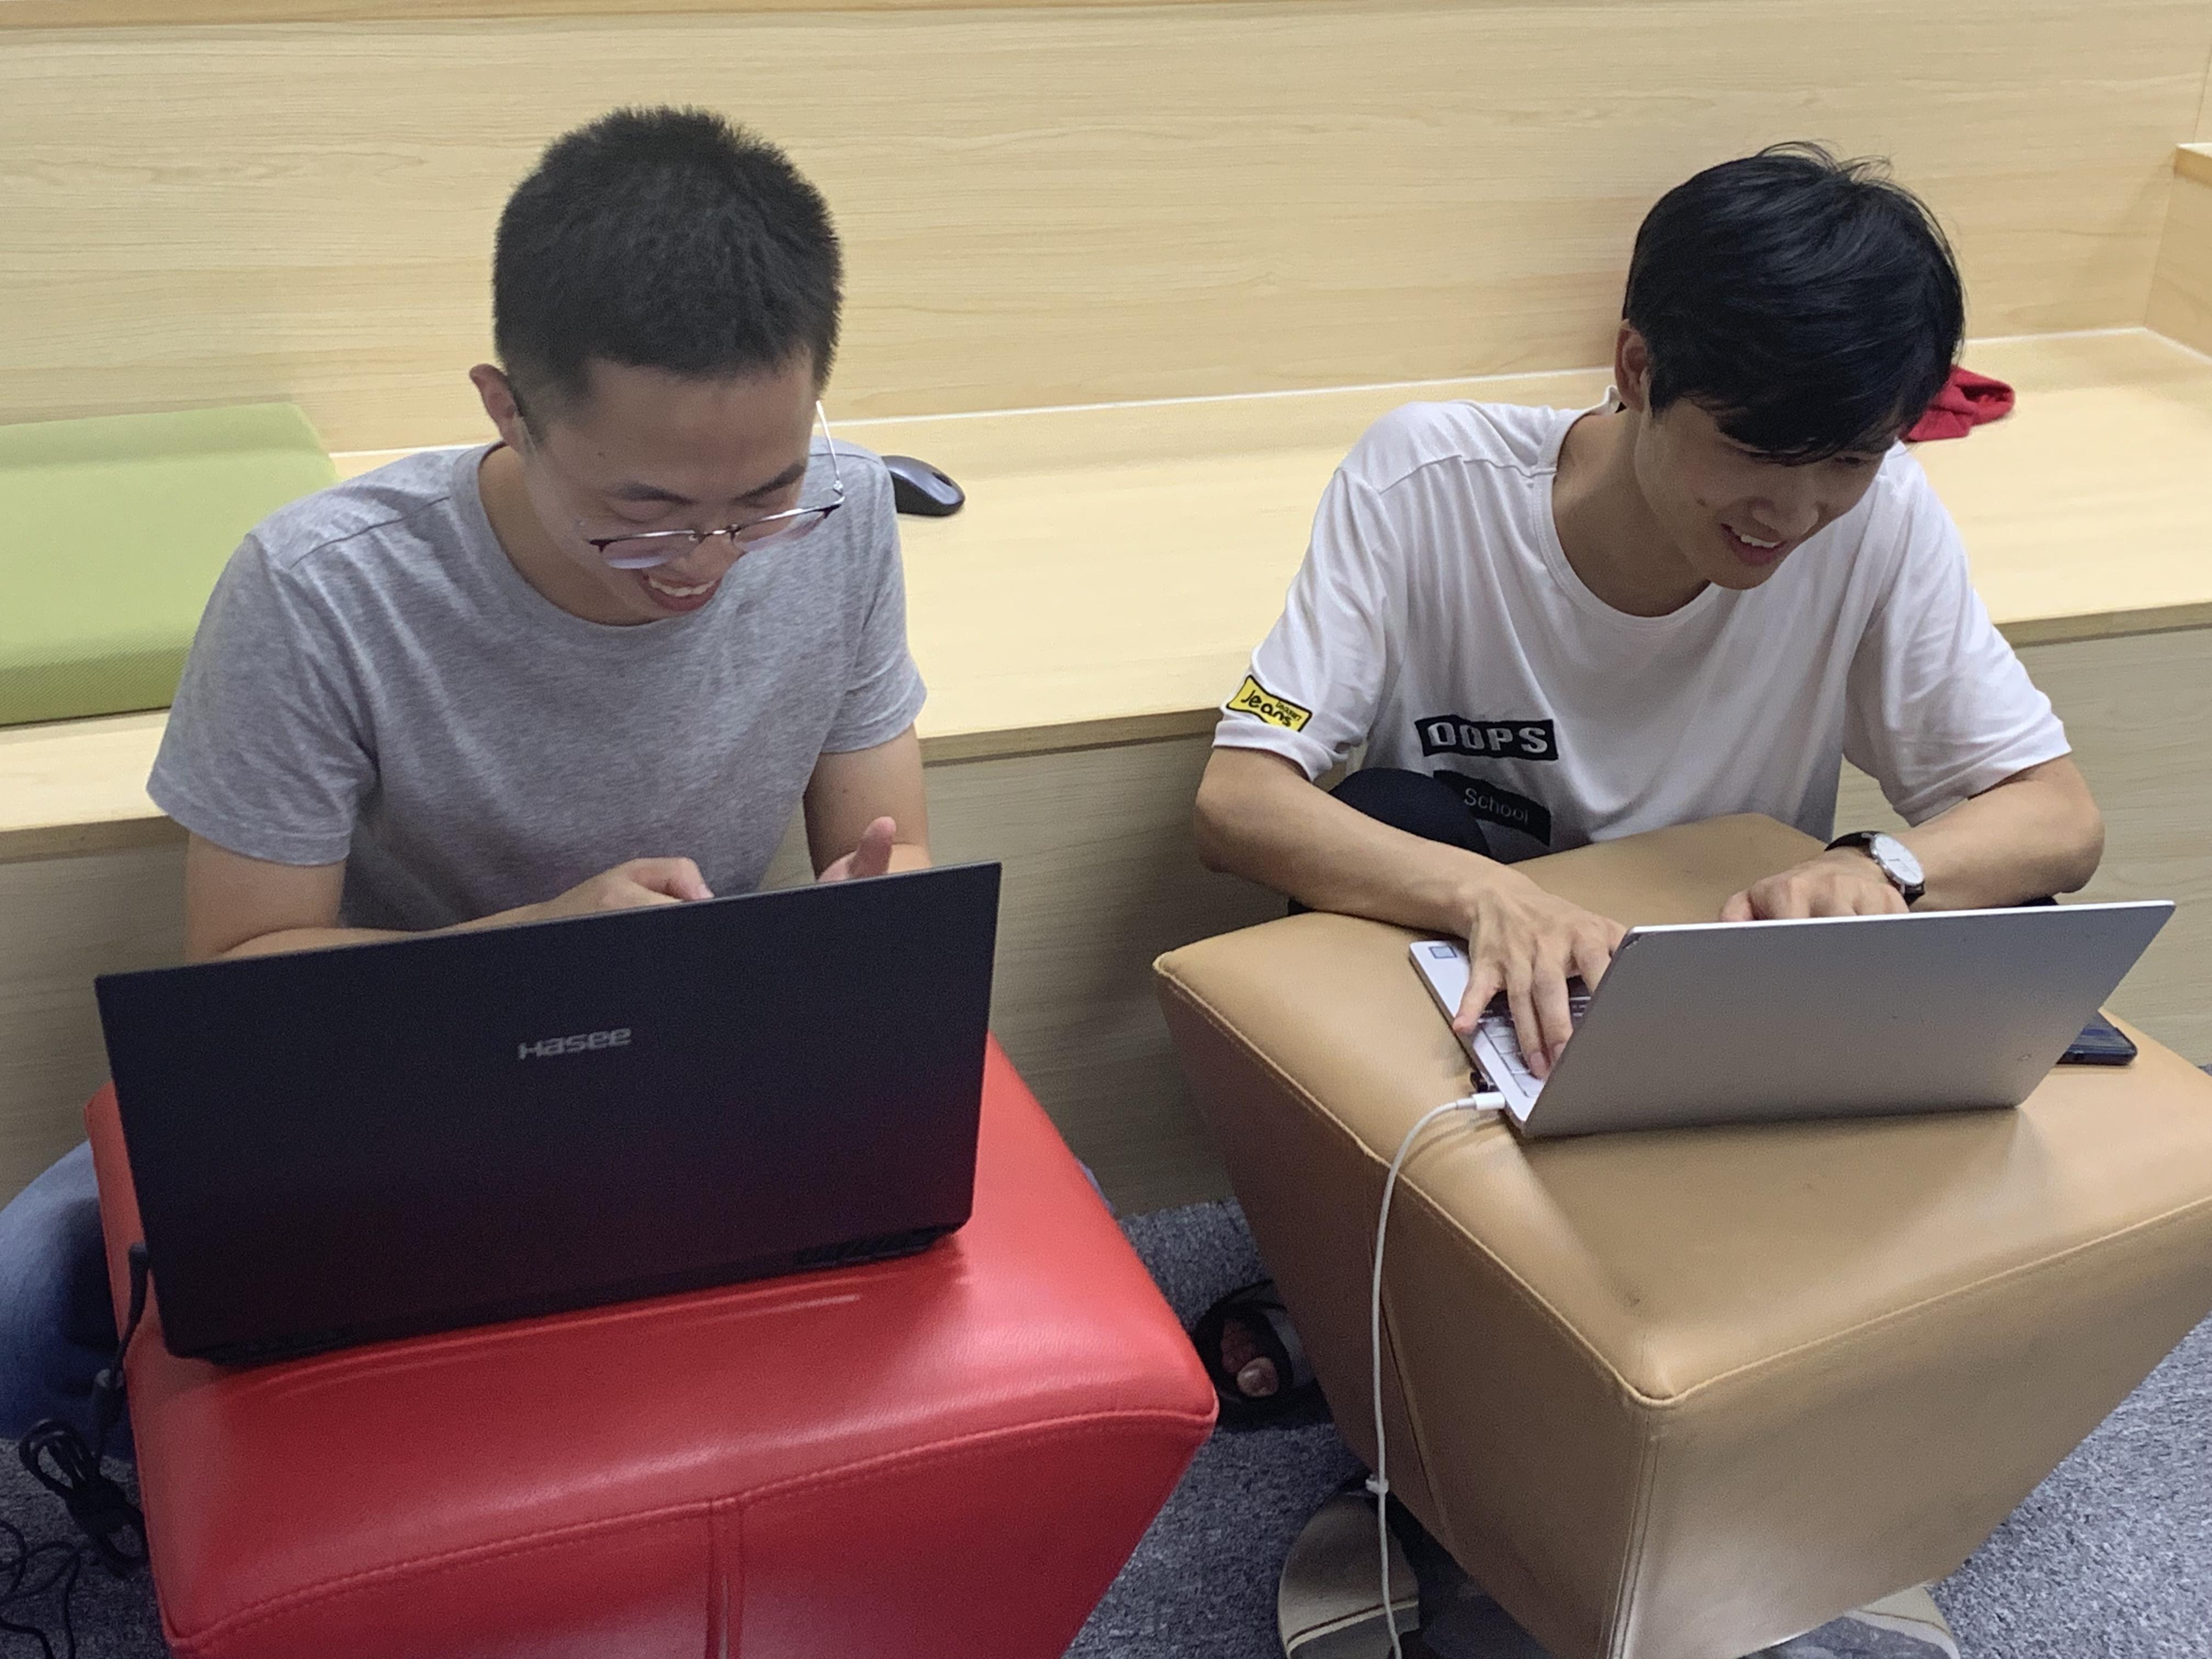 iS-RPA 高级设计师培训 - 广州 20190612 班 - 培训完成